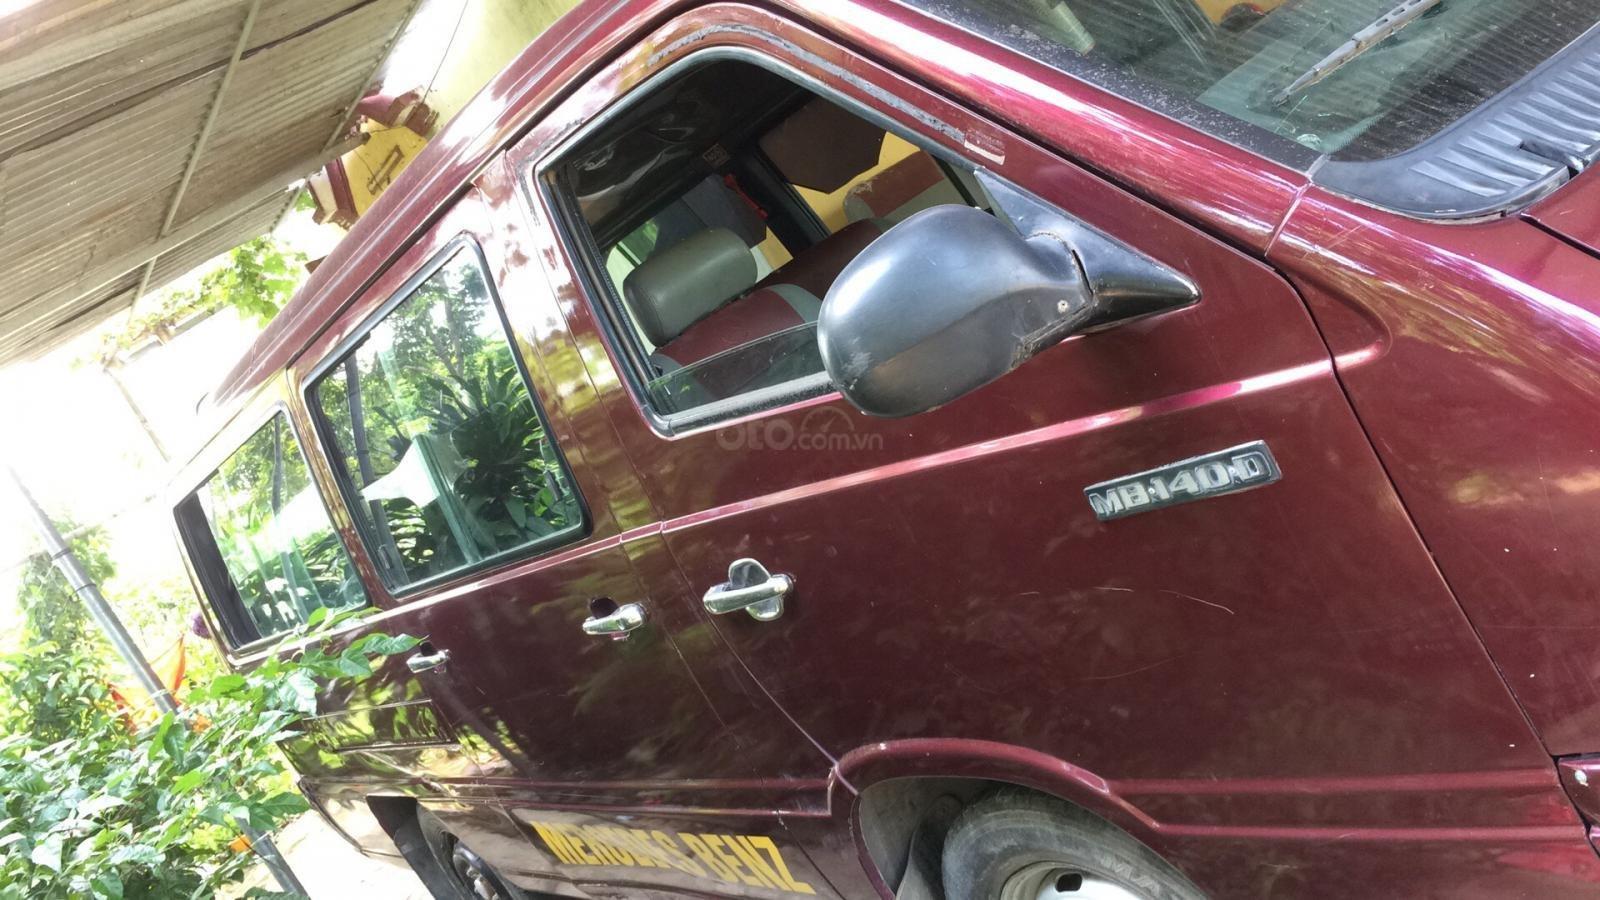 Cần bán con xe MB hết đời cho em anh nào có nhu cầu ở Nghệ An (3)